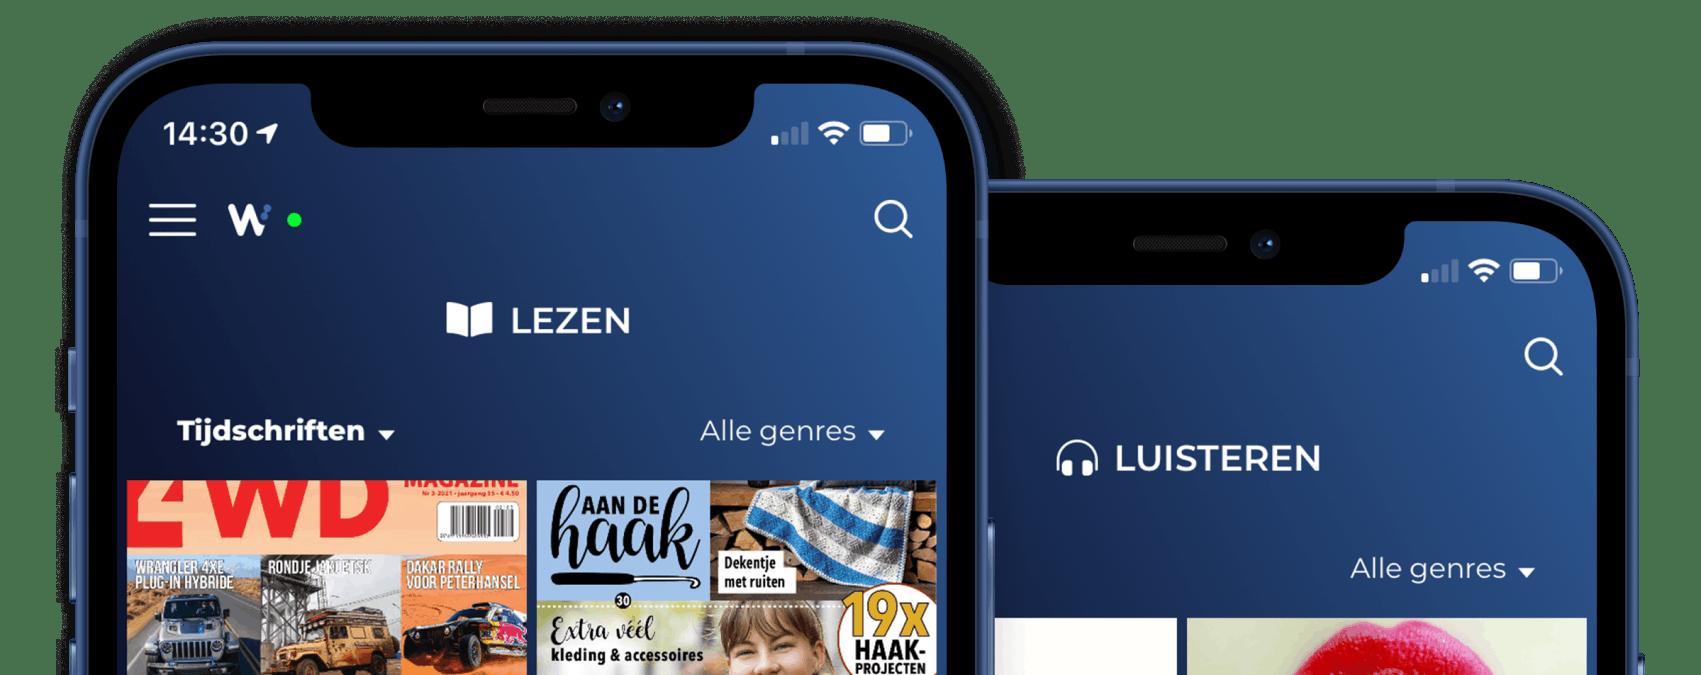 Lezen en luisteren in app